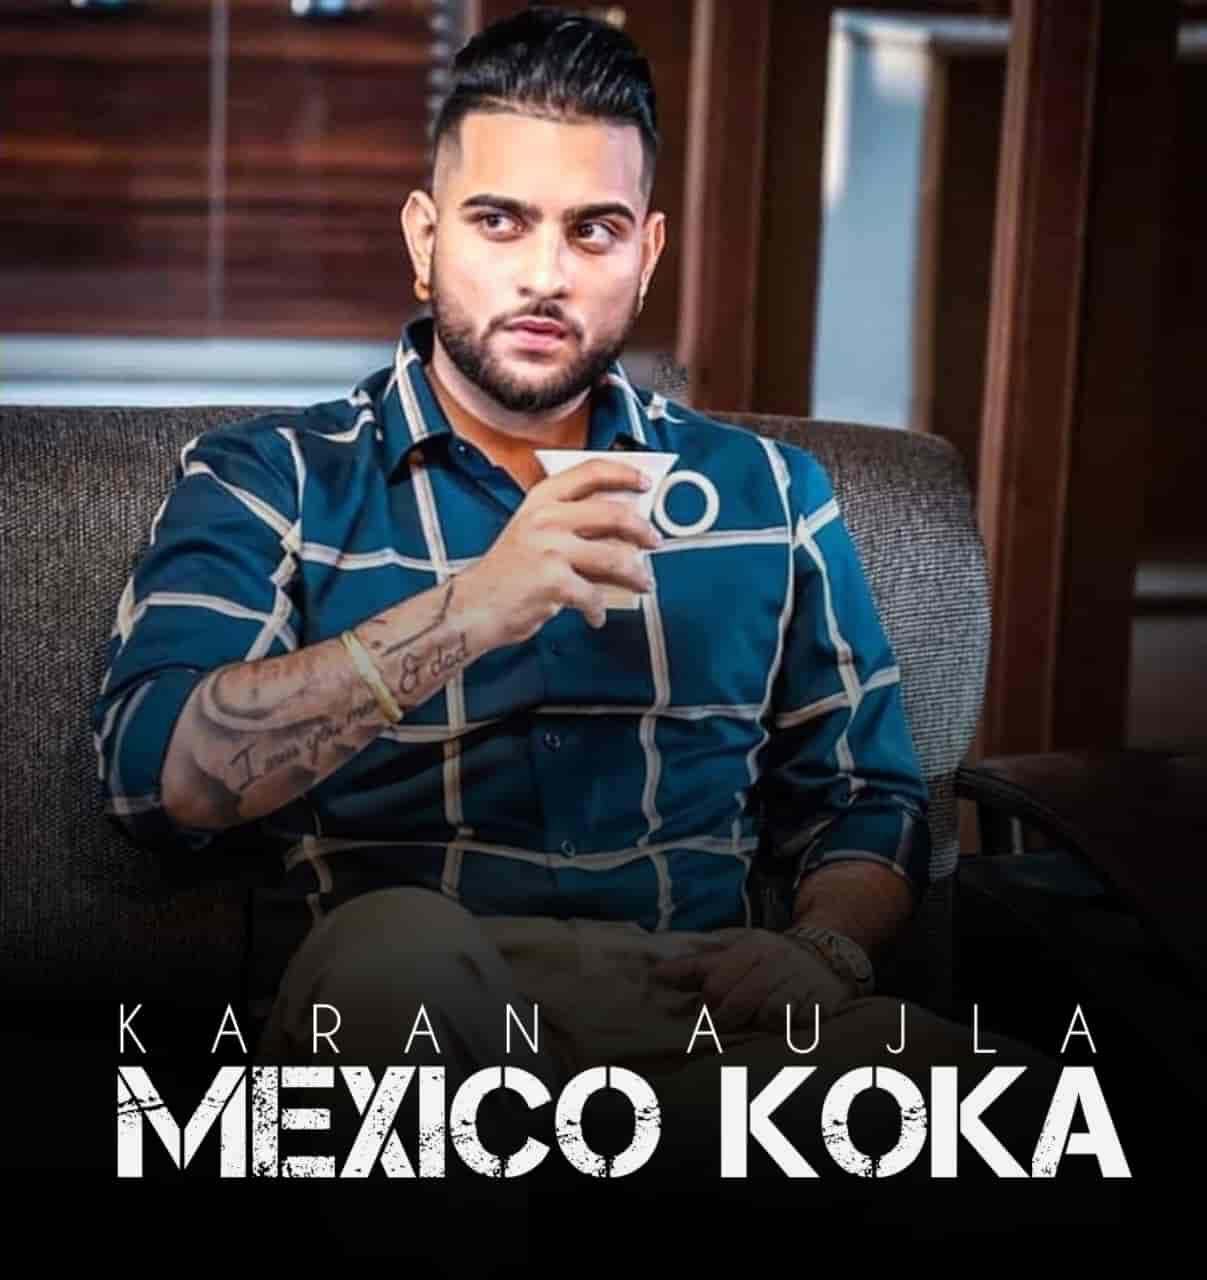 Mexico Koka Punjabi Song Image Features Karan Aujla